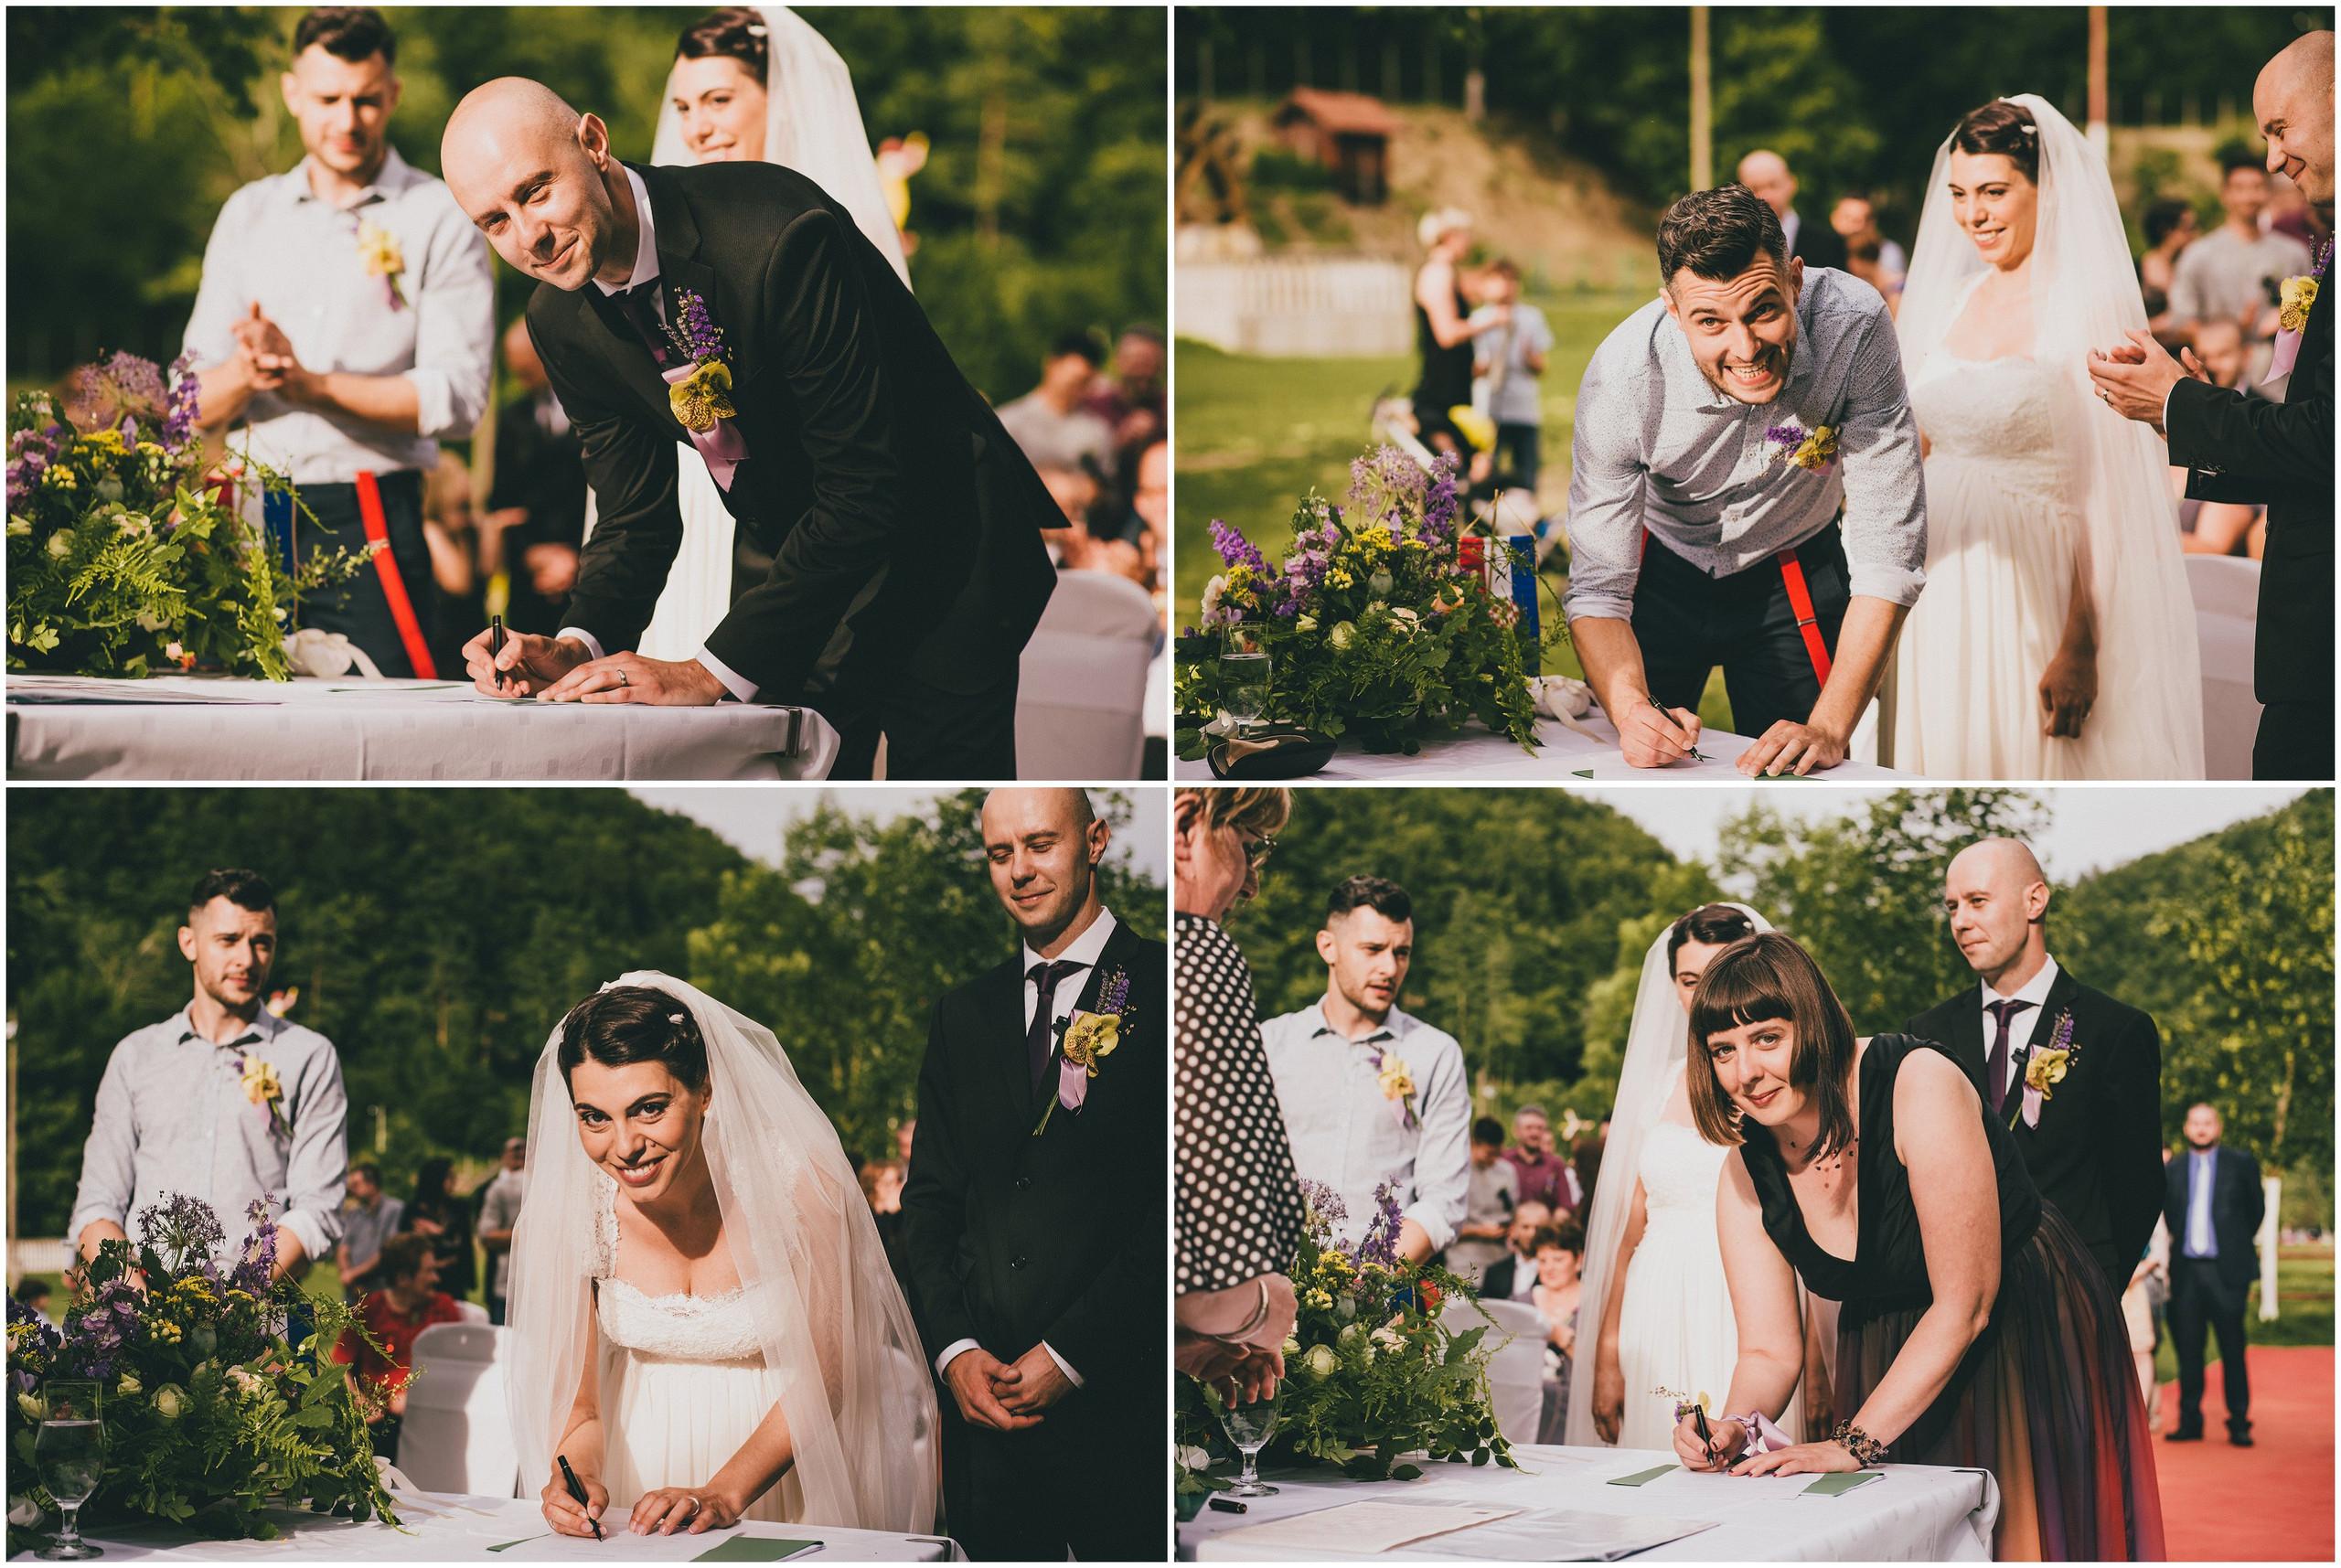 Potpisivanje mladenaca i kumova, vjenčanje na otvorenom